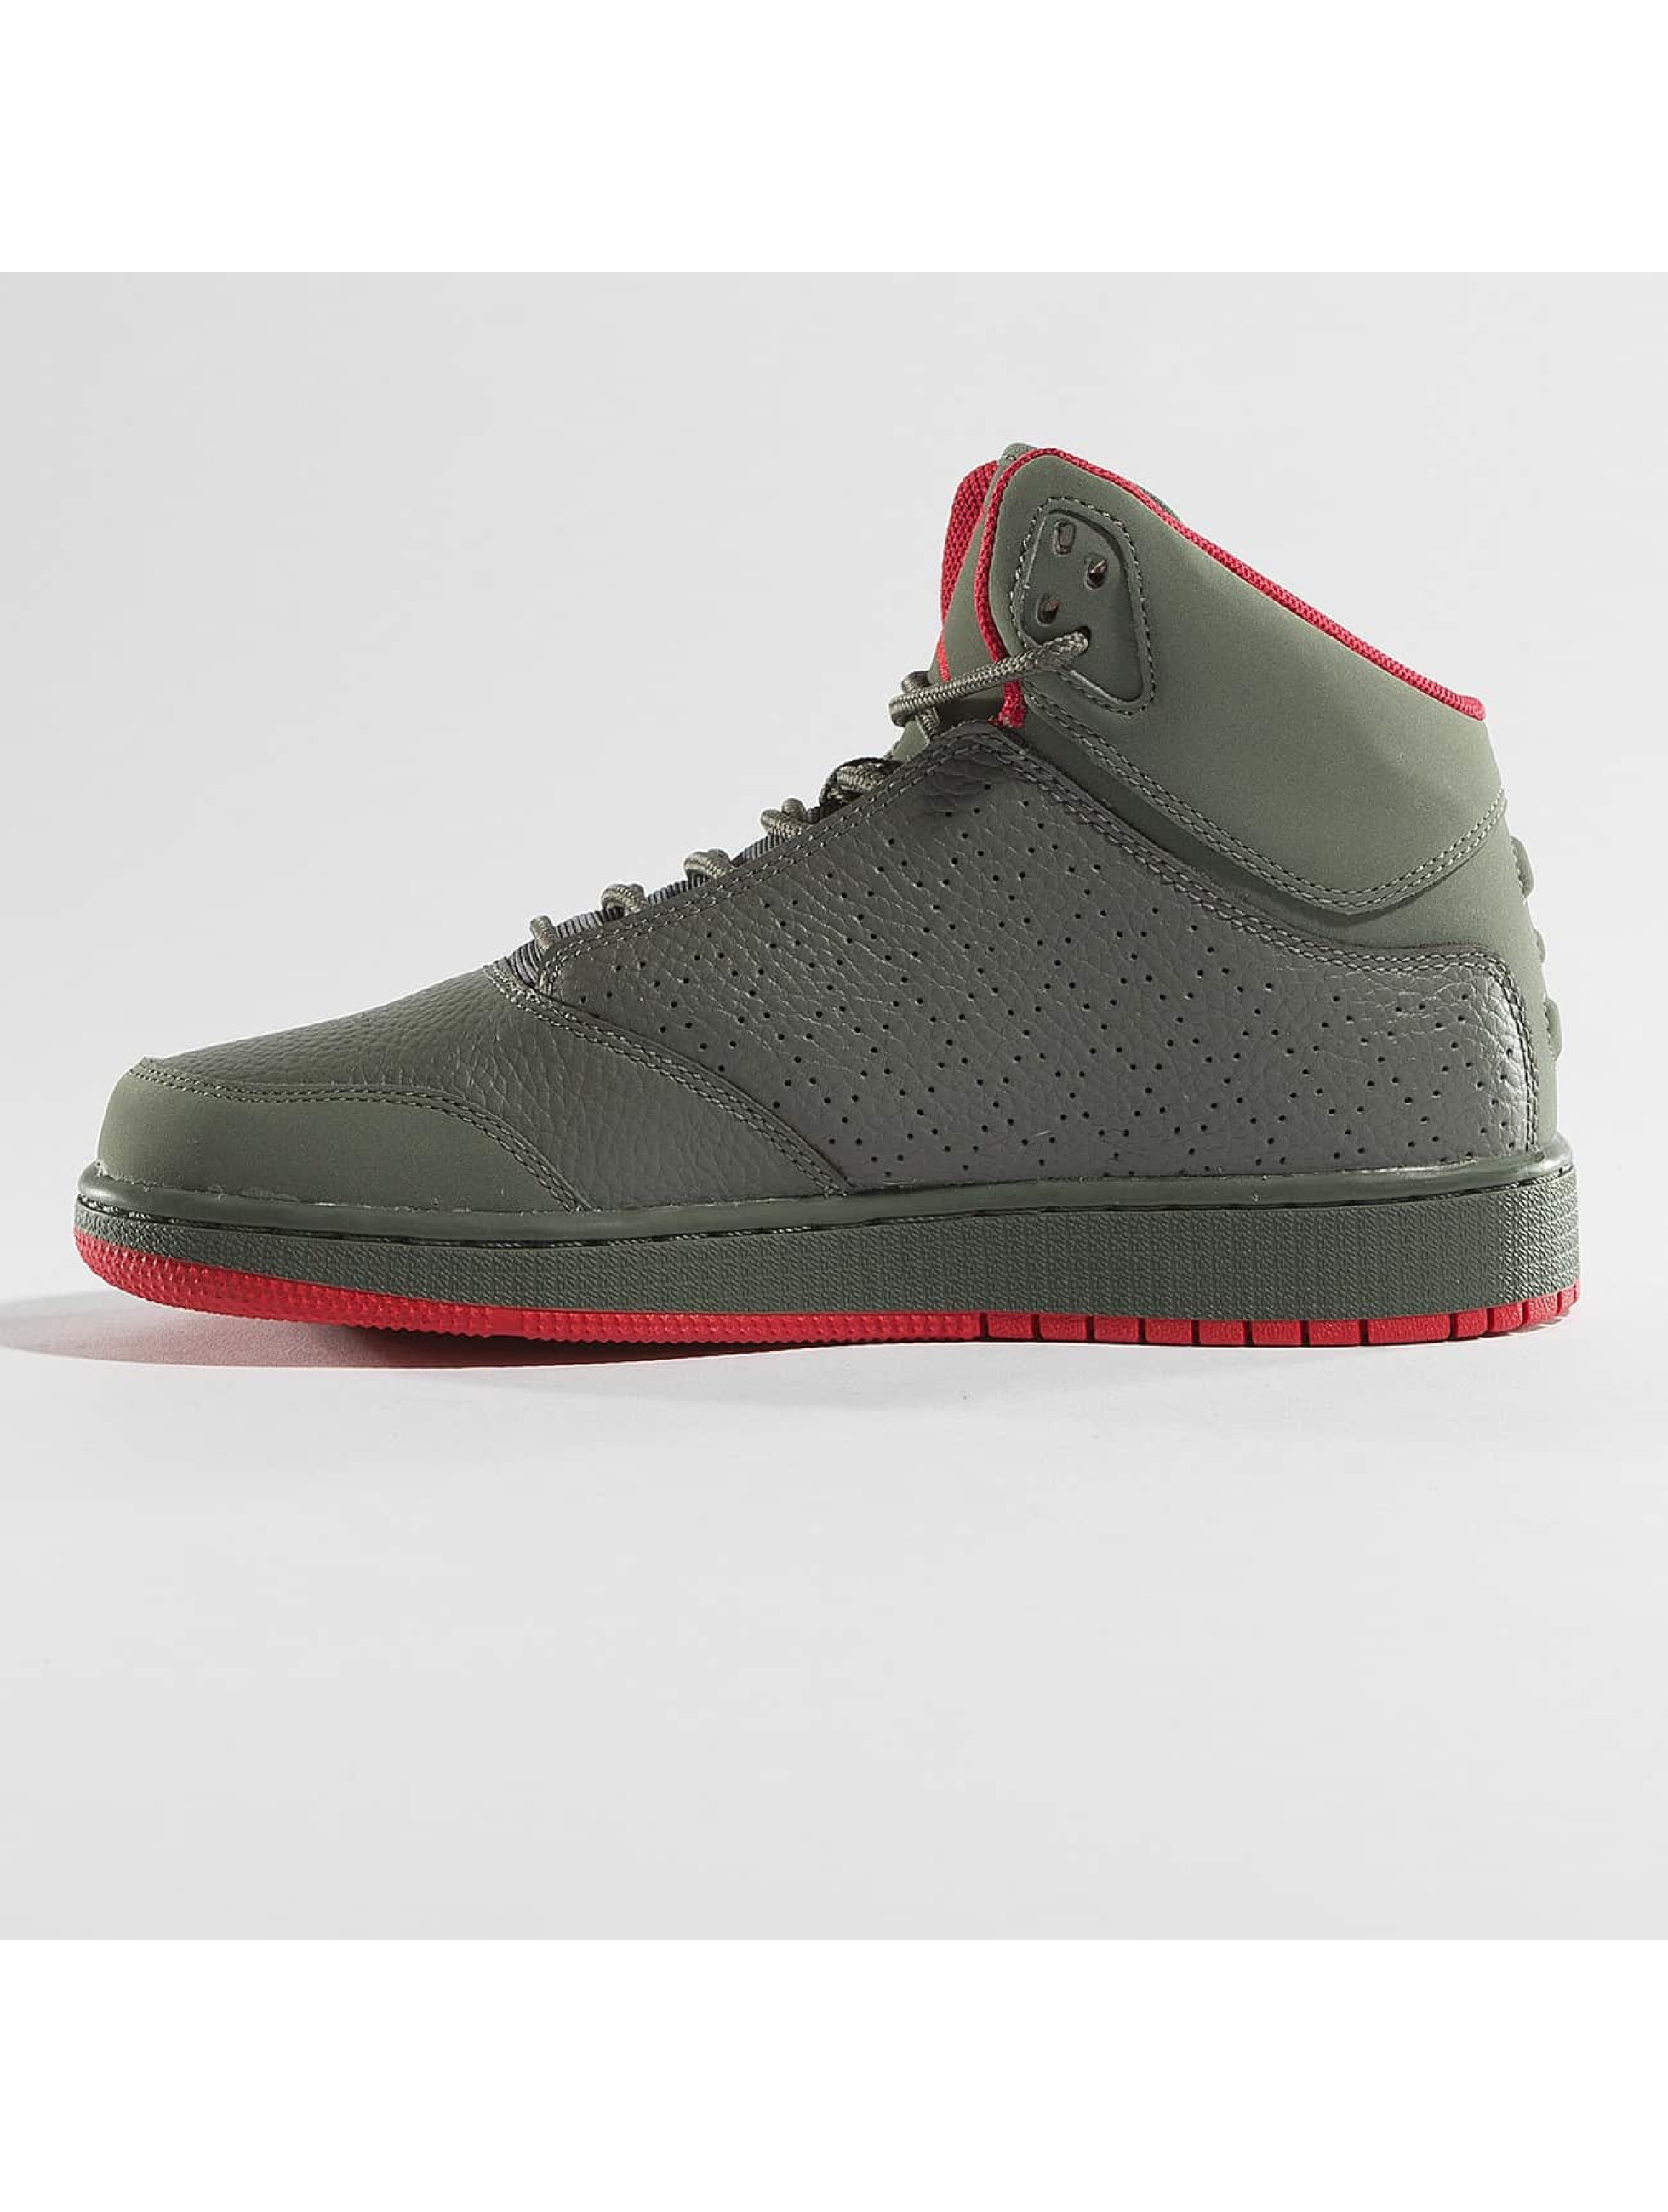 Jordan Sneakers 1 Flight 5 Premium (GS) gray